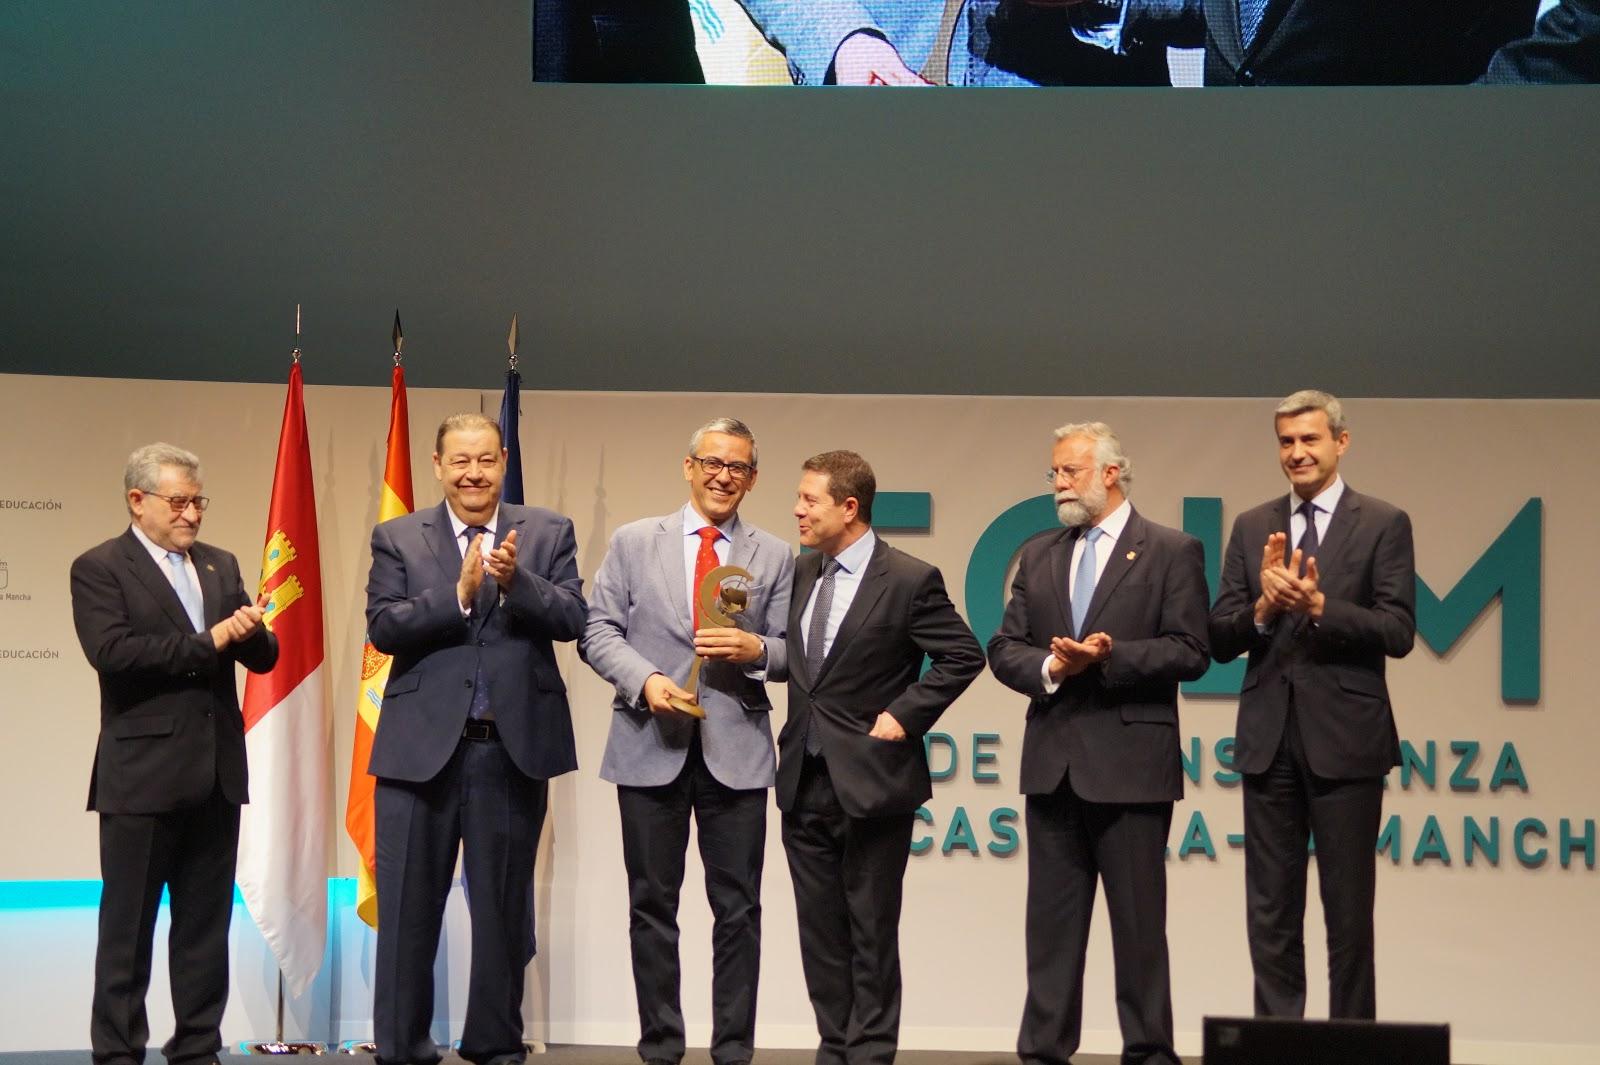 Recogiendo el premio en el Día de la Enseñanza de CLM 2017